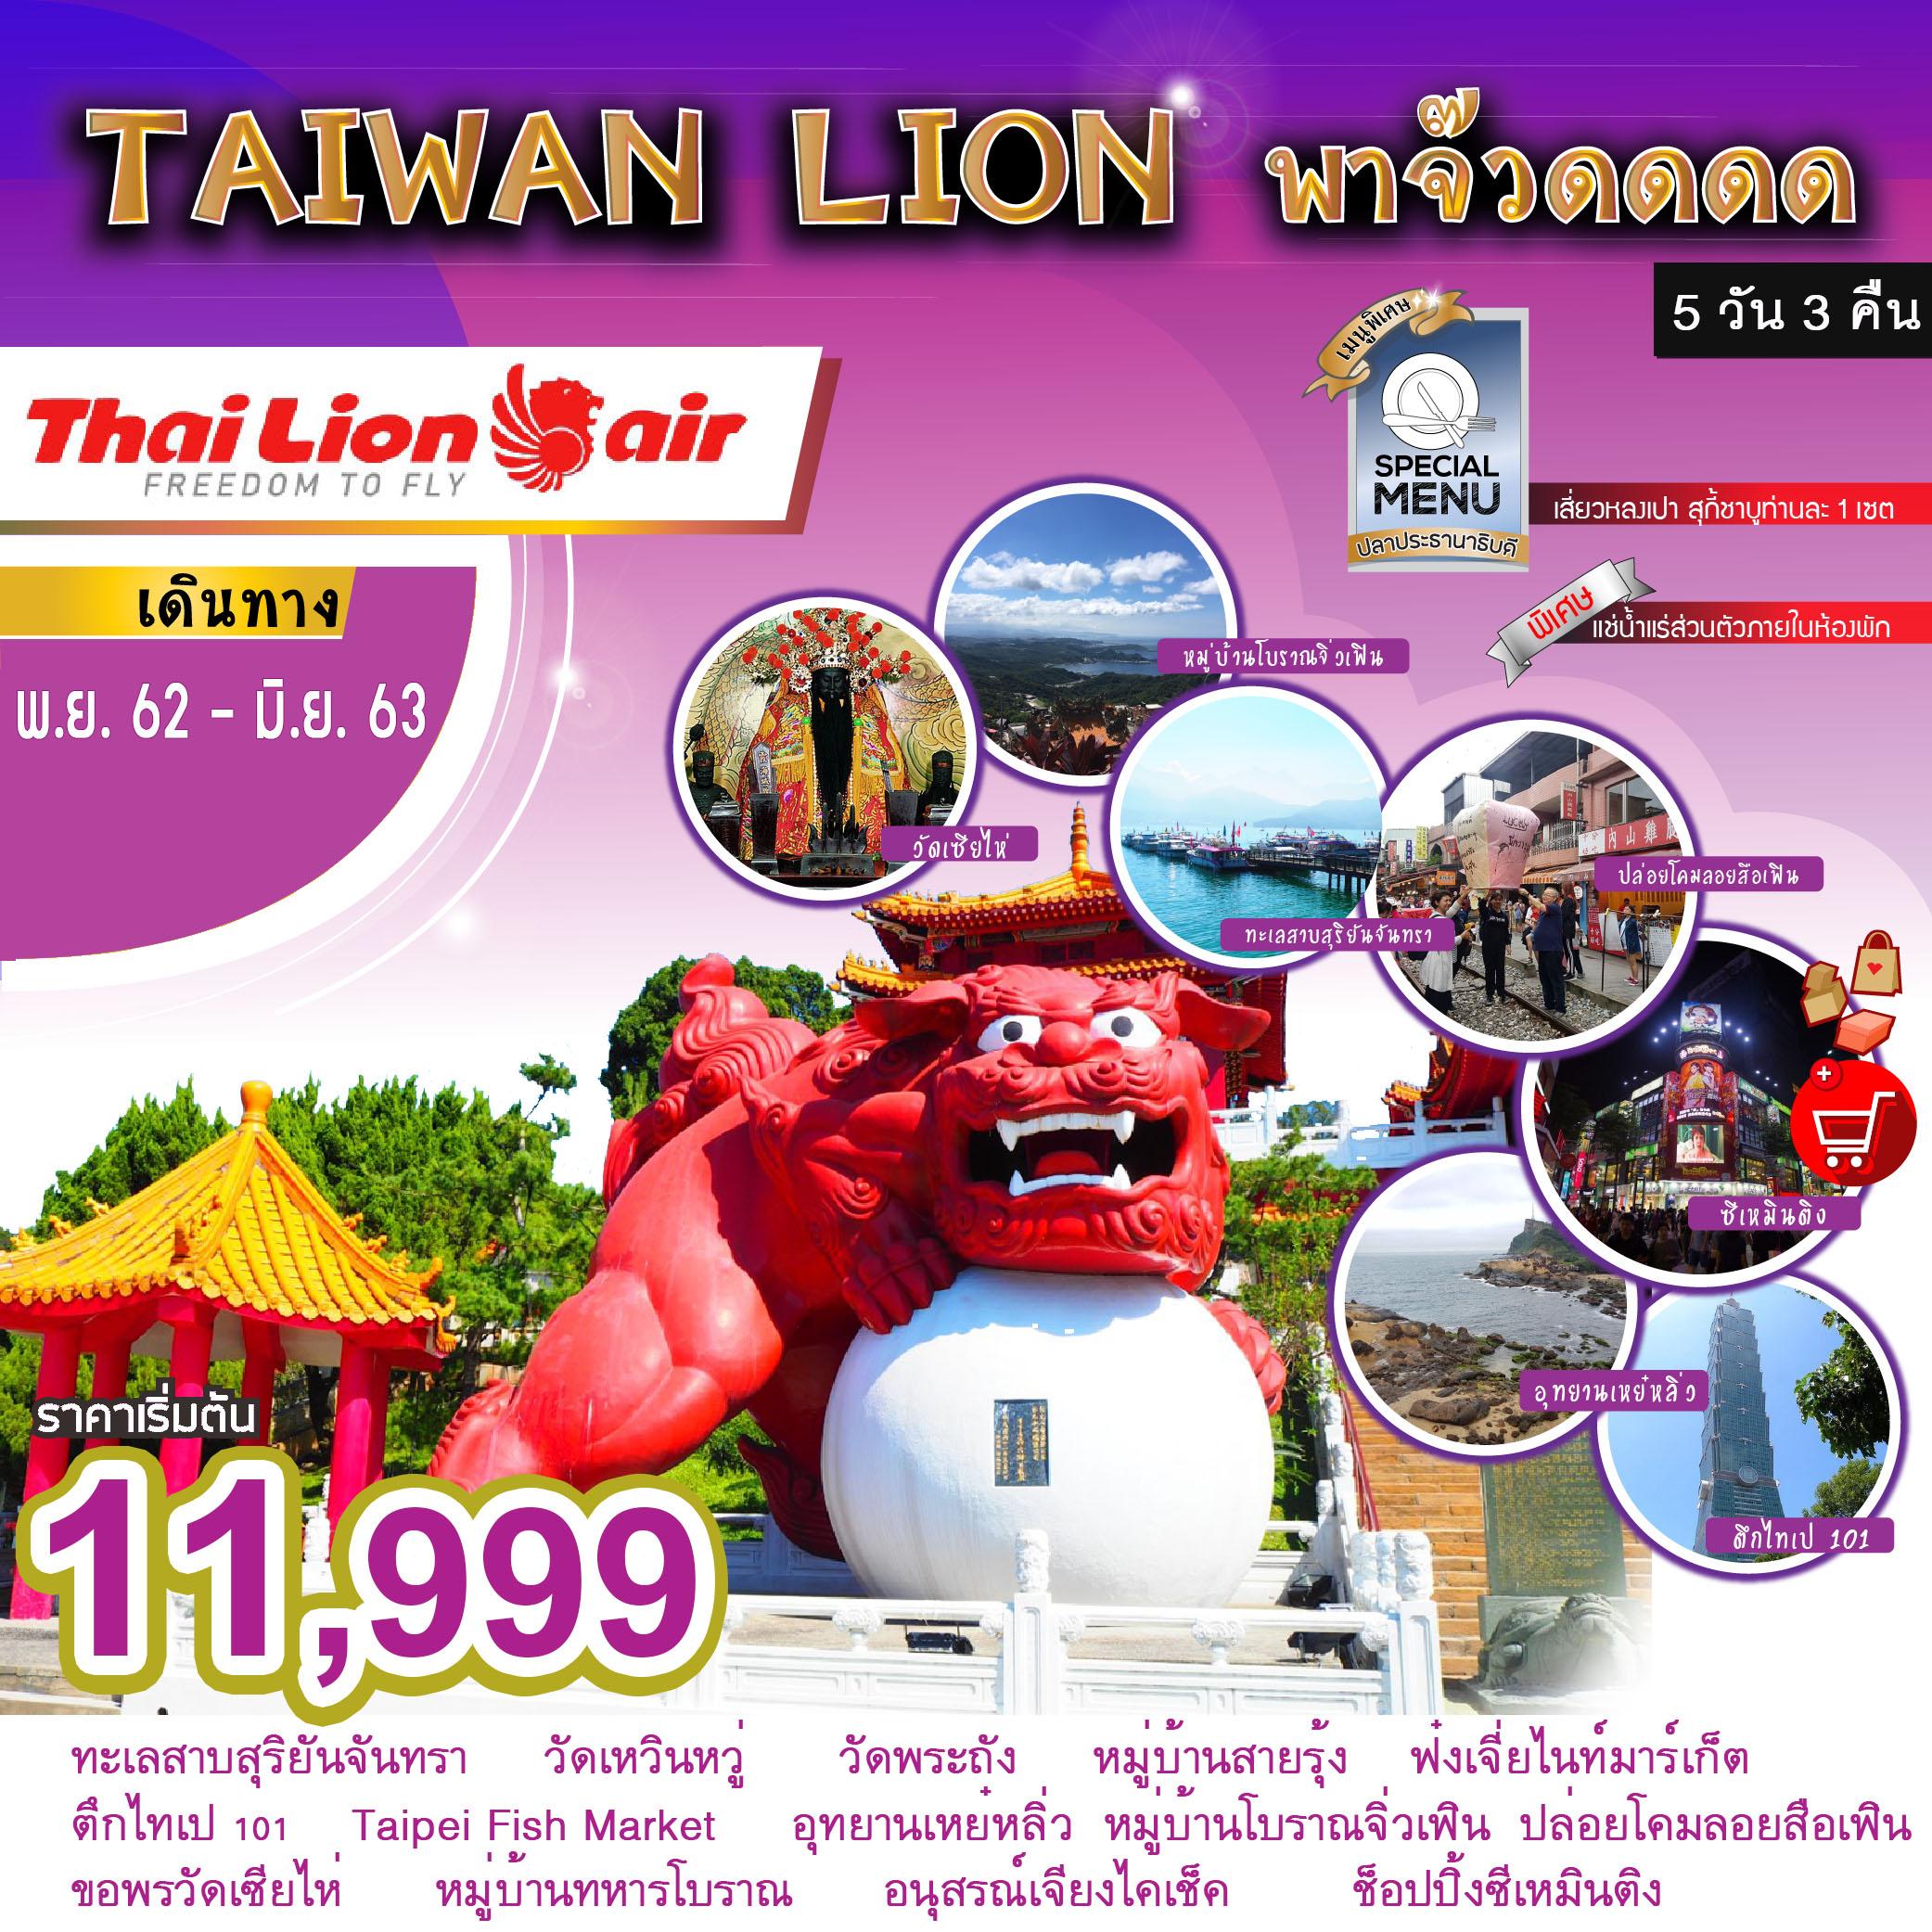 TAIWAN LION พาจ๊วดดดด 5D 3N  (FJL S10_SL)